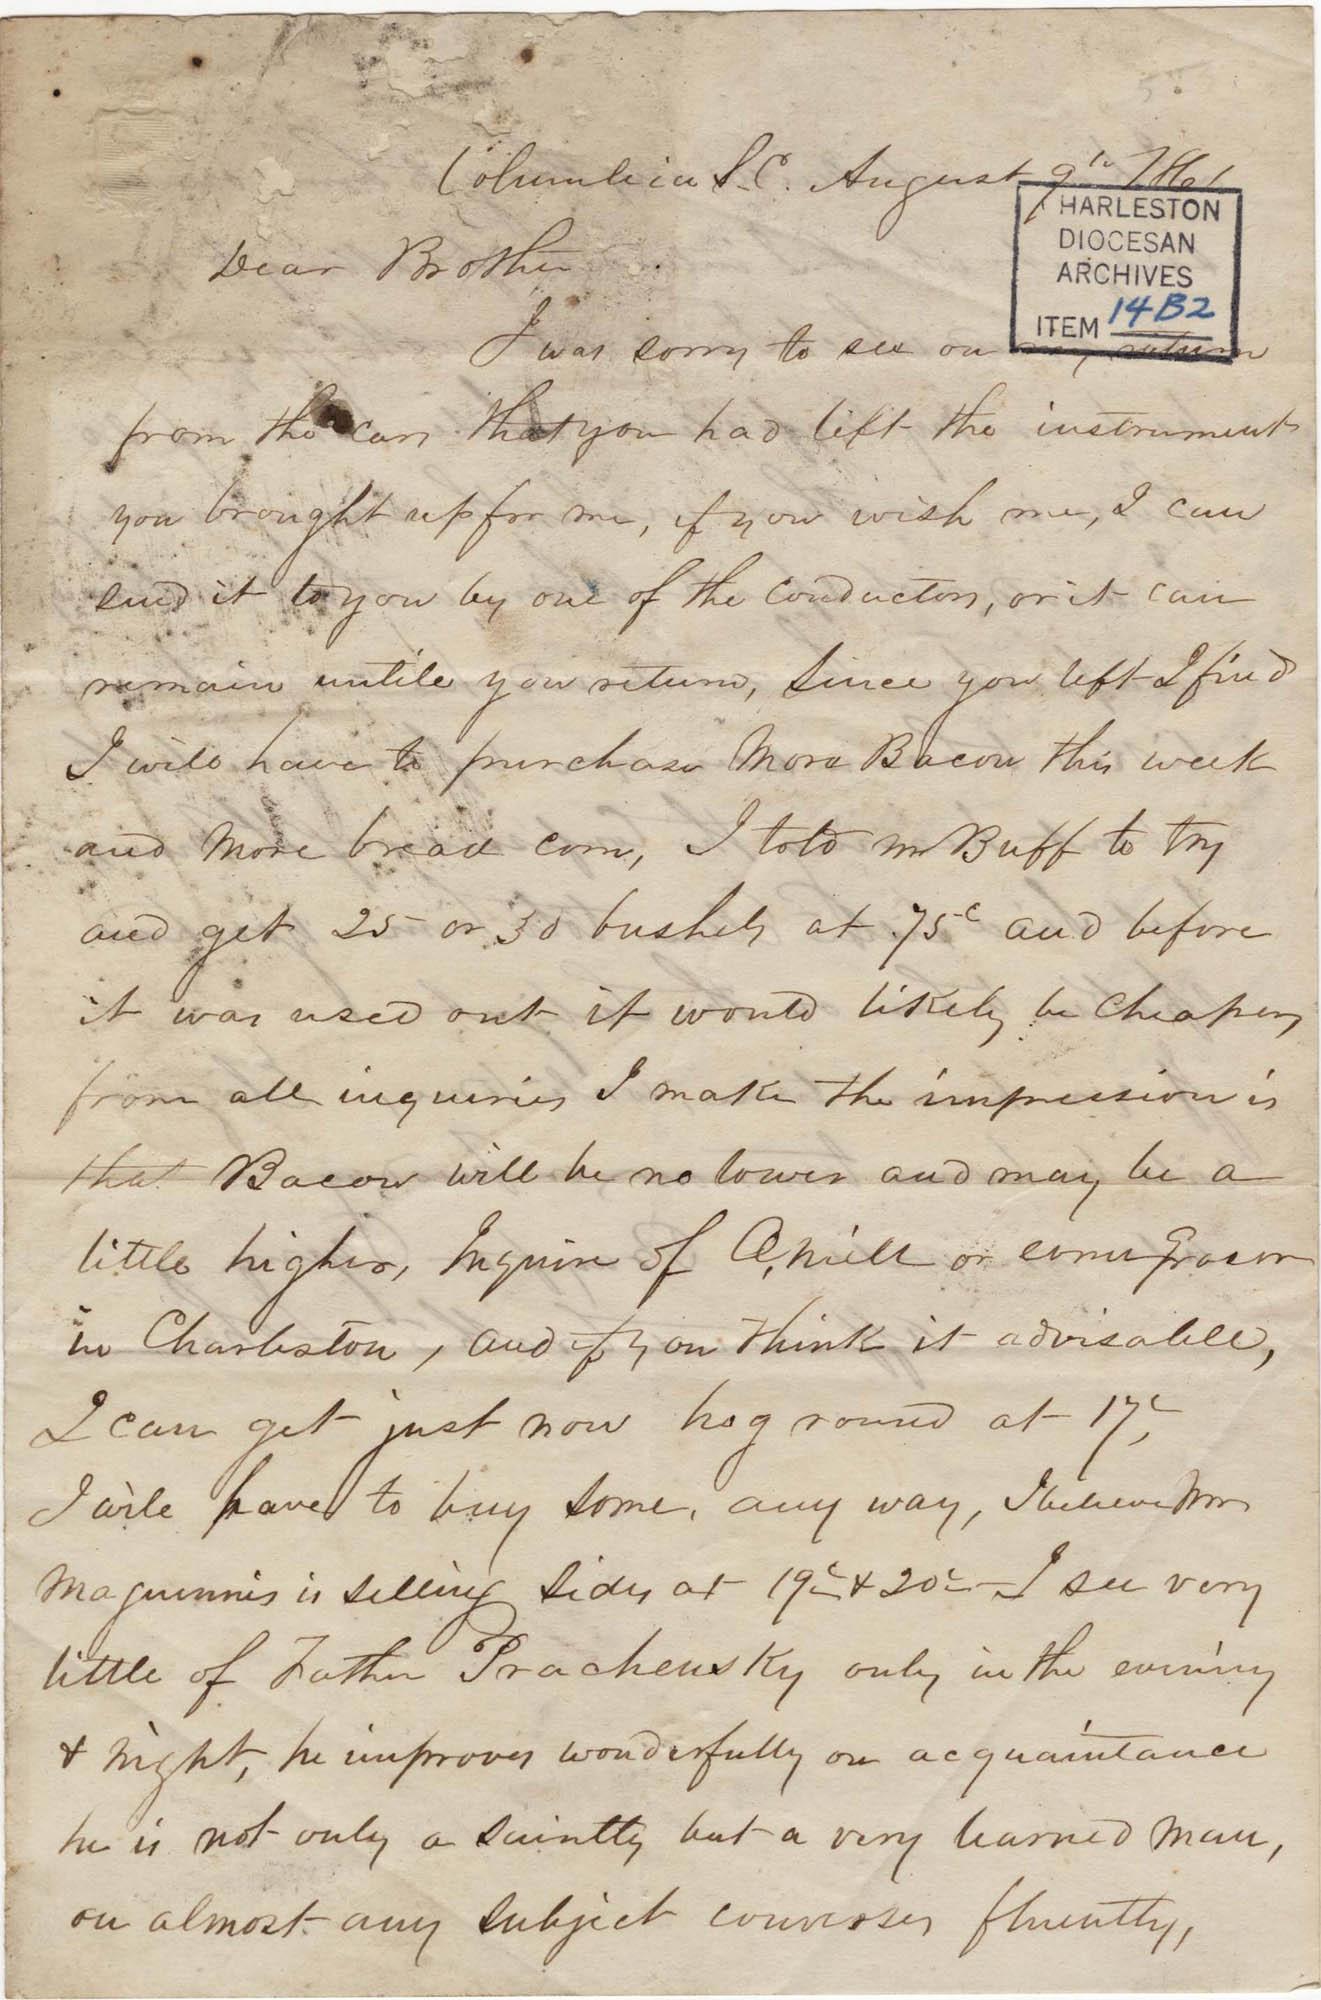 165. John Lynch to Bp Patrick Lynch -- August 9, 1861